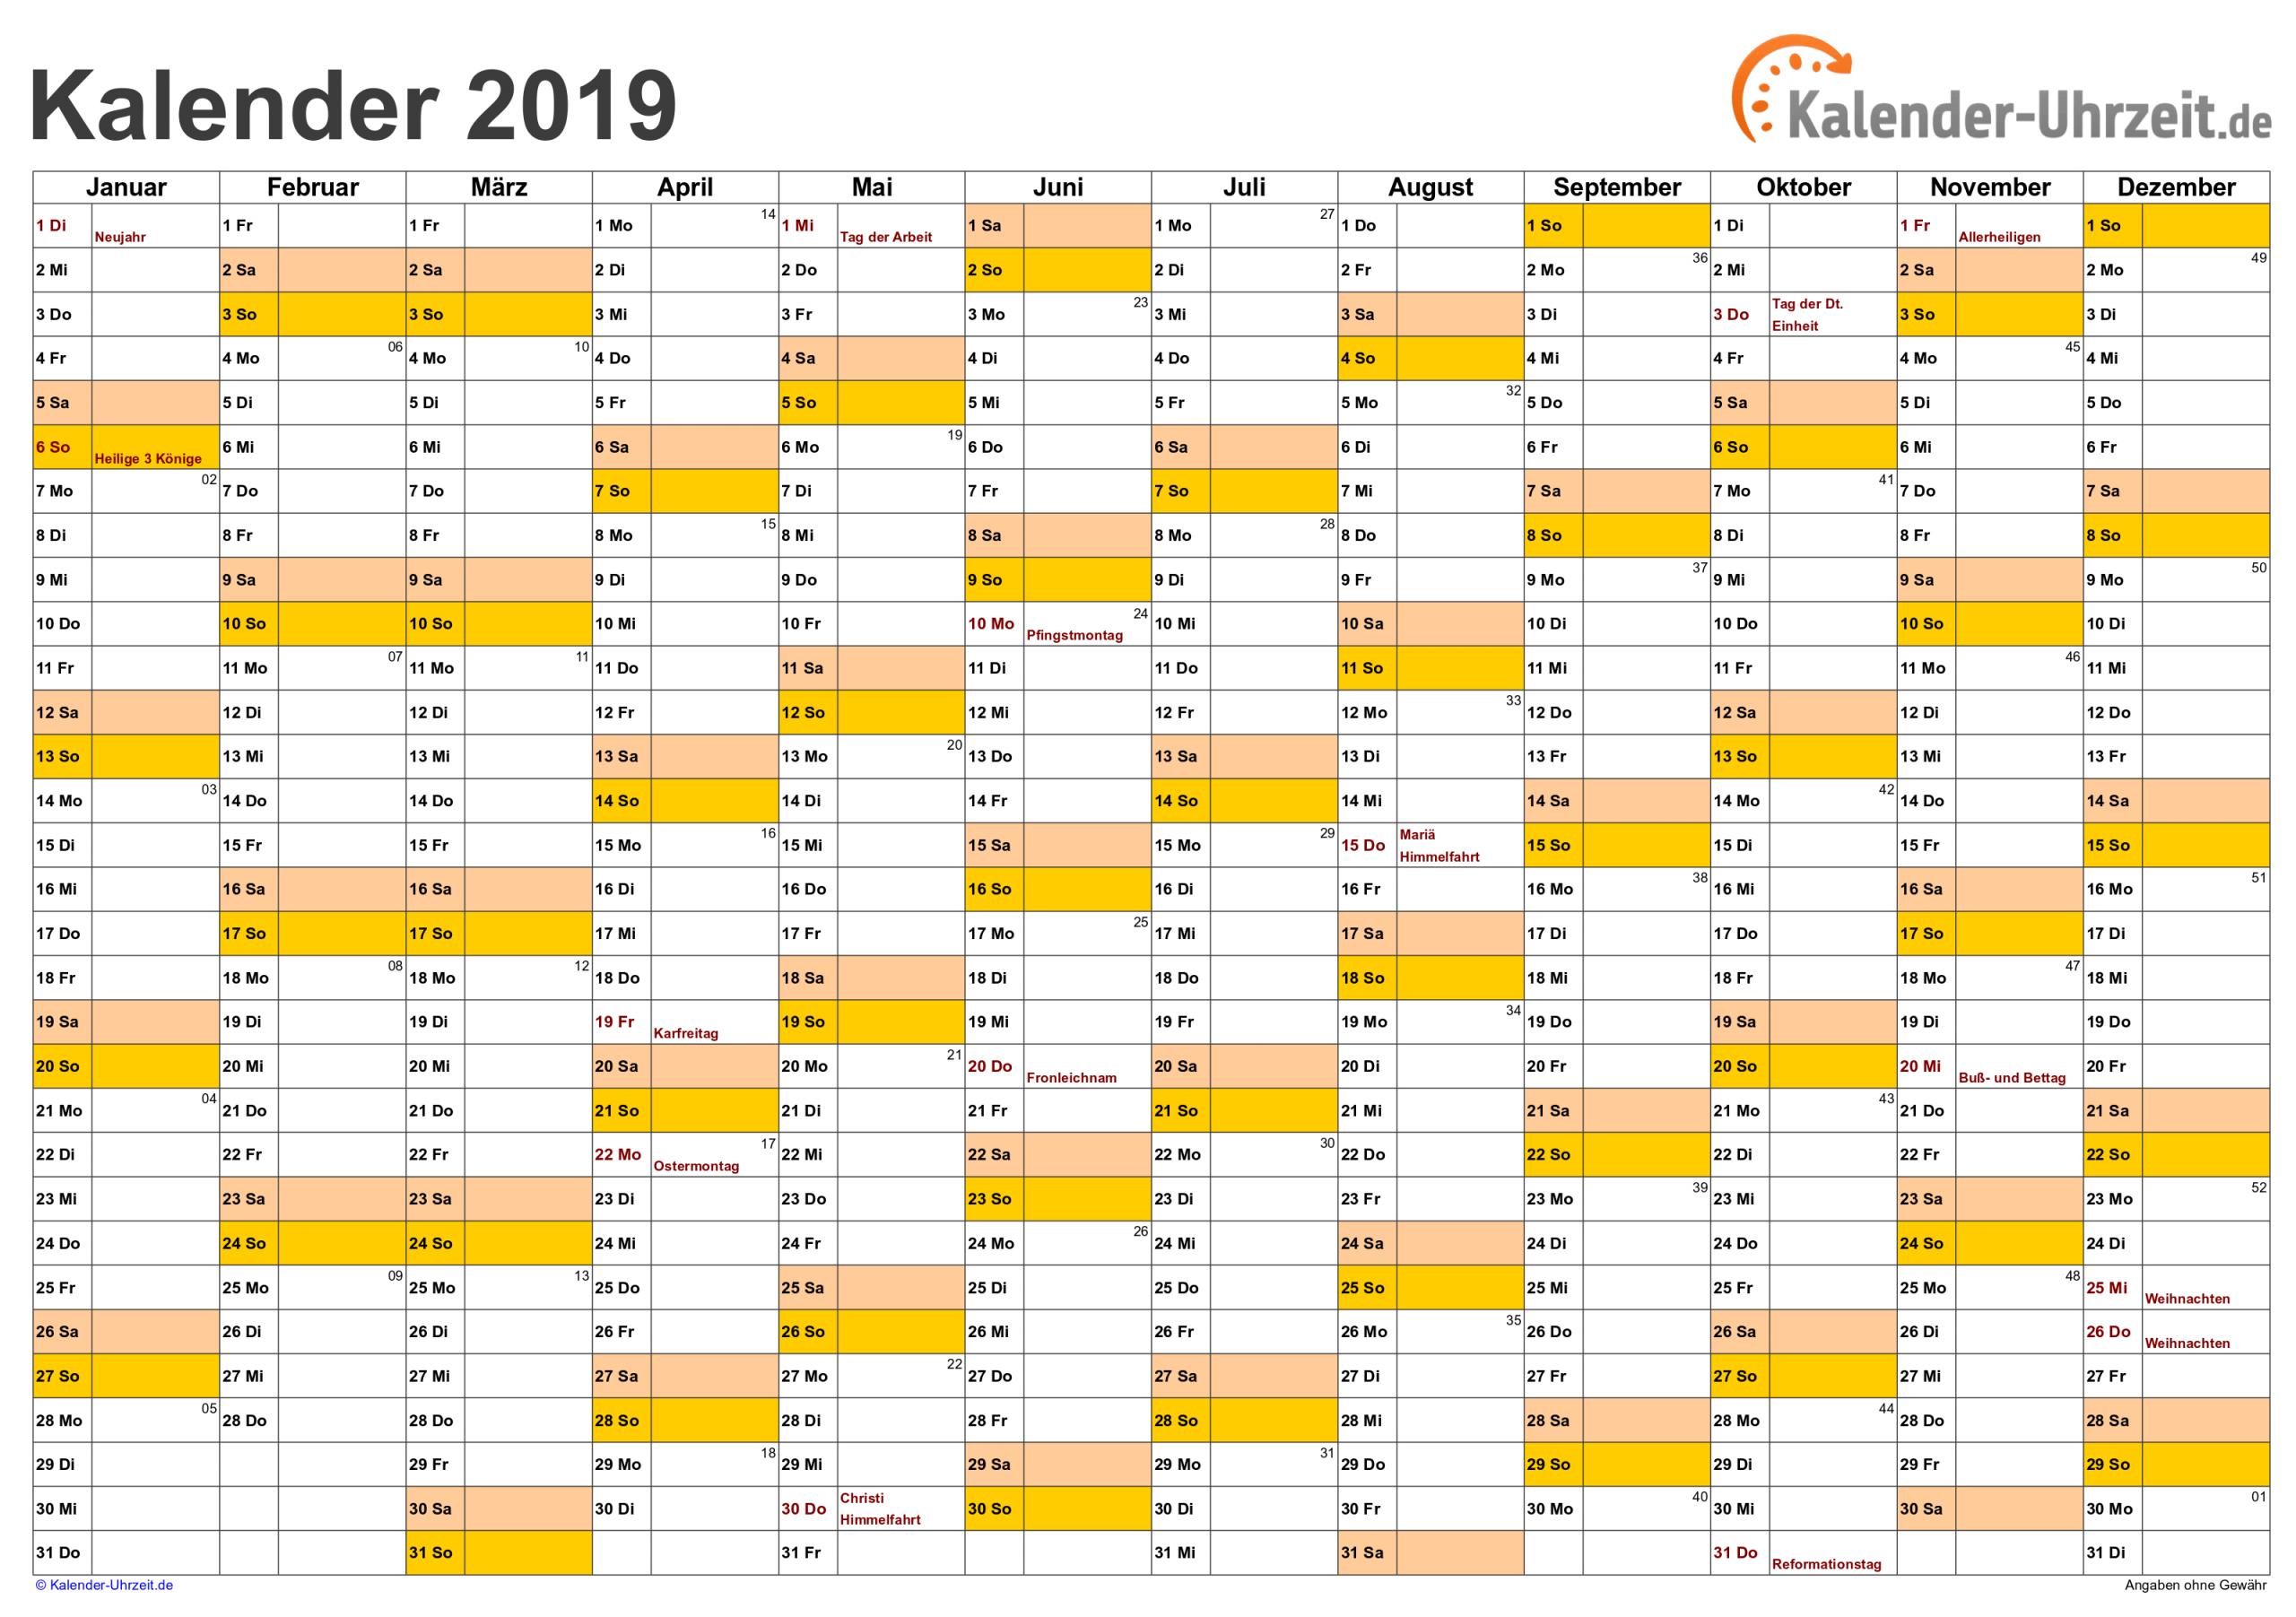 Kalender 2019 Zum Ausdrucken. Gratis Vorlagen Zum Download bei Kostenlose Kalender Zum Ausdrucken